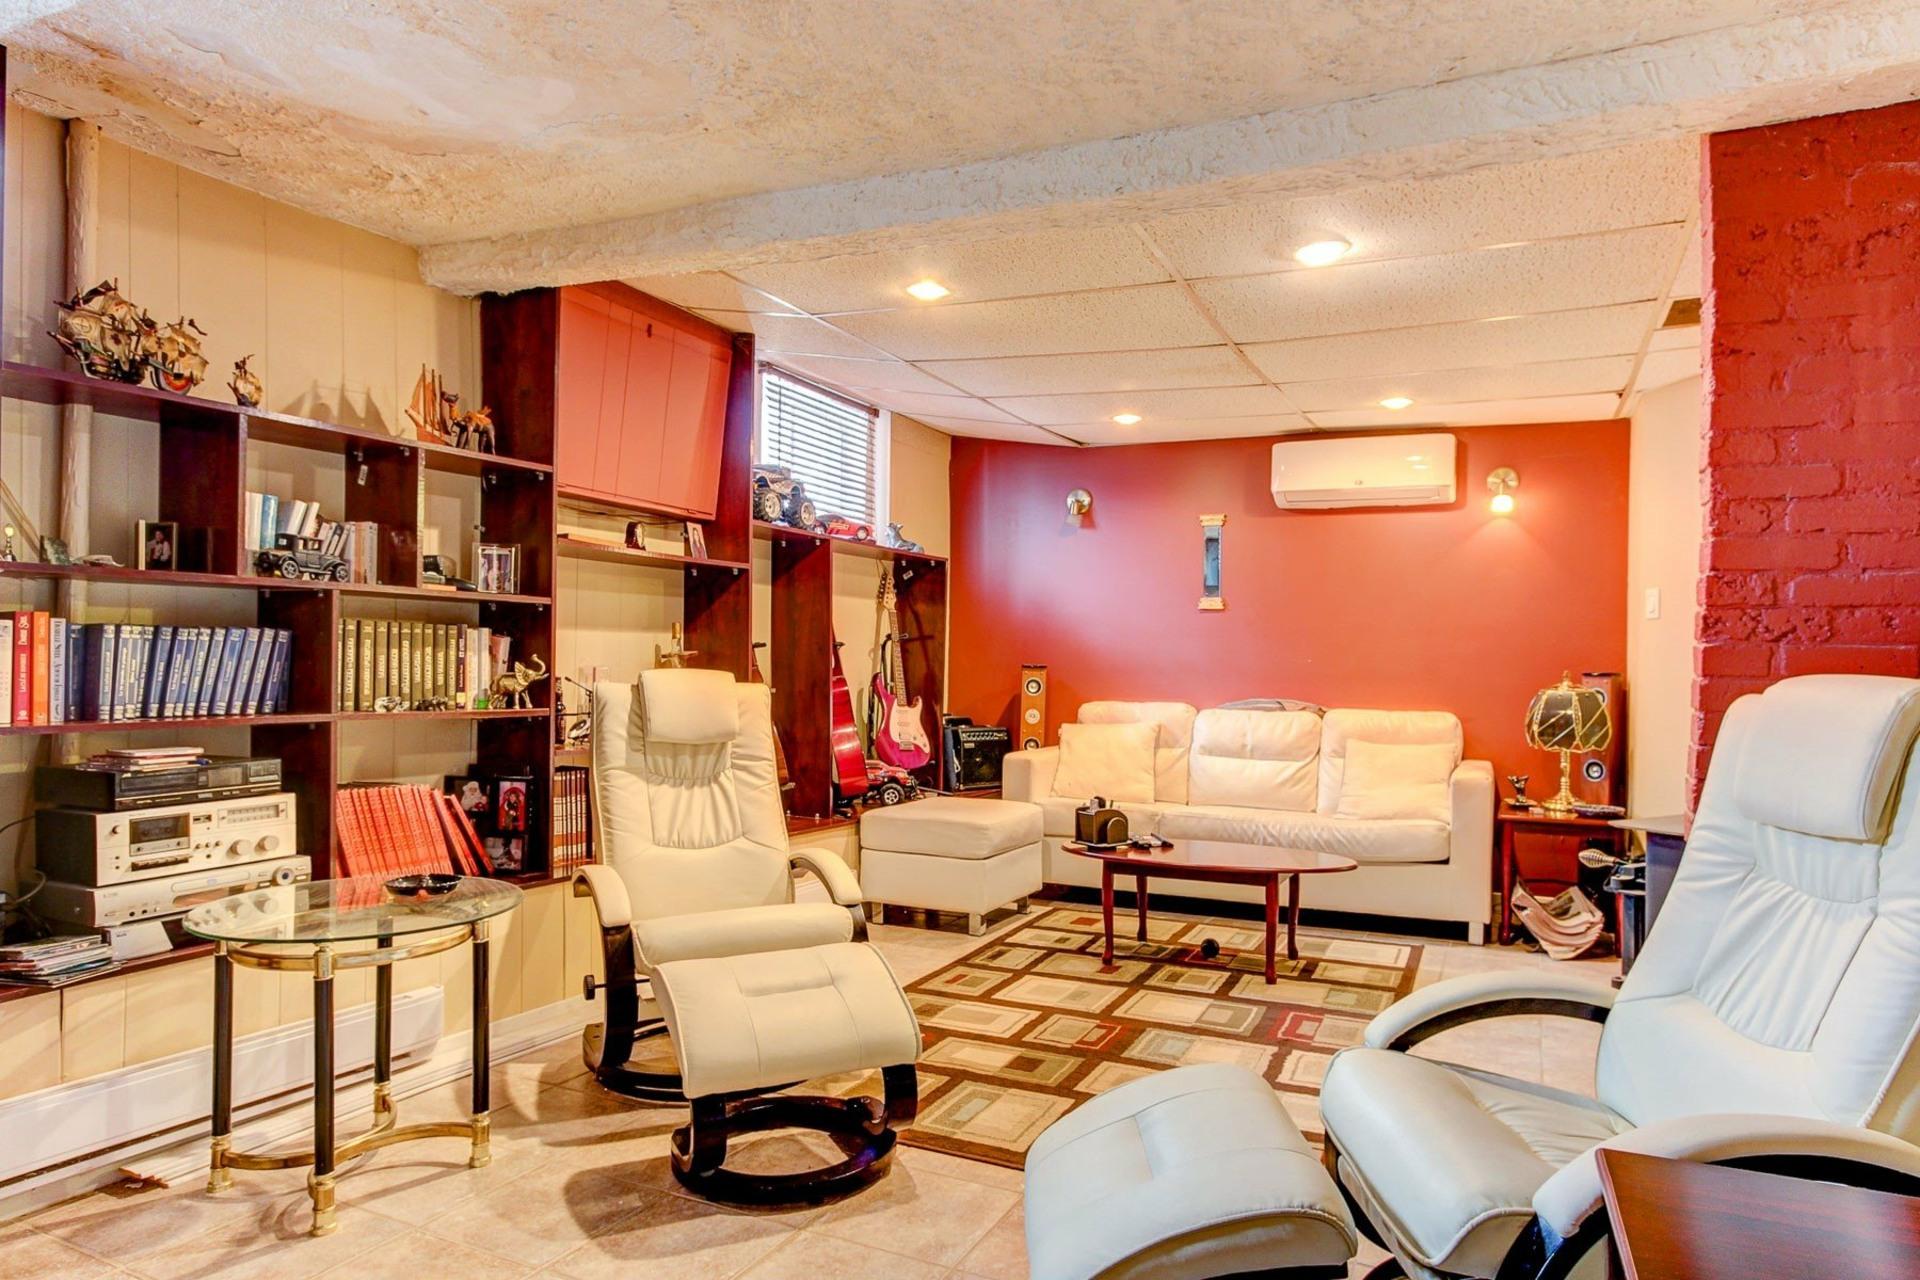 image 16 - Maison À vendre Sainte-Geneviève-de-Batiscan - 11 pièces